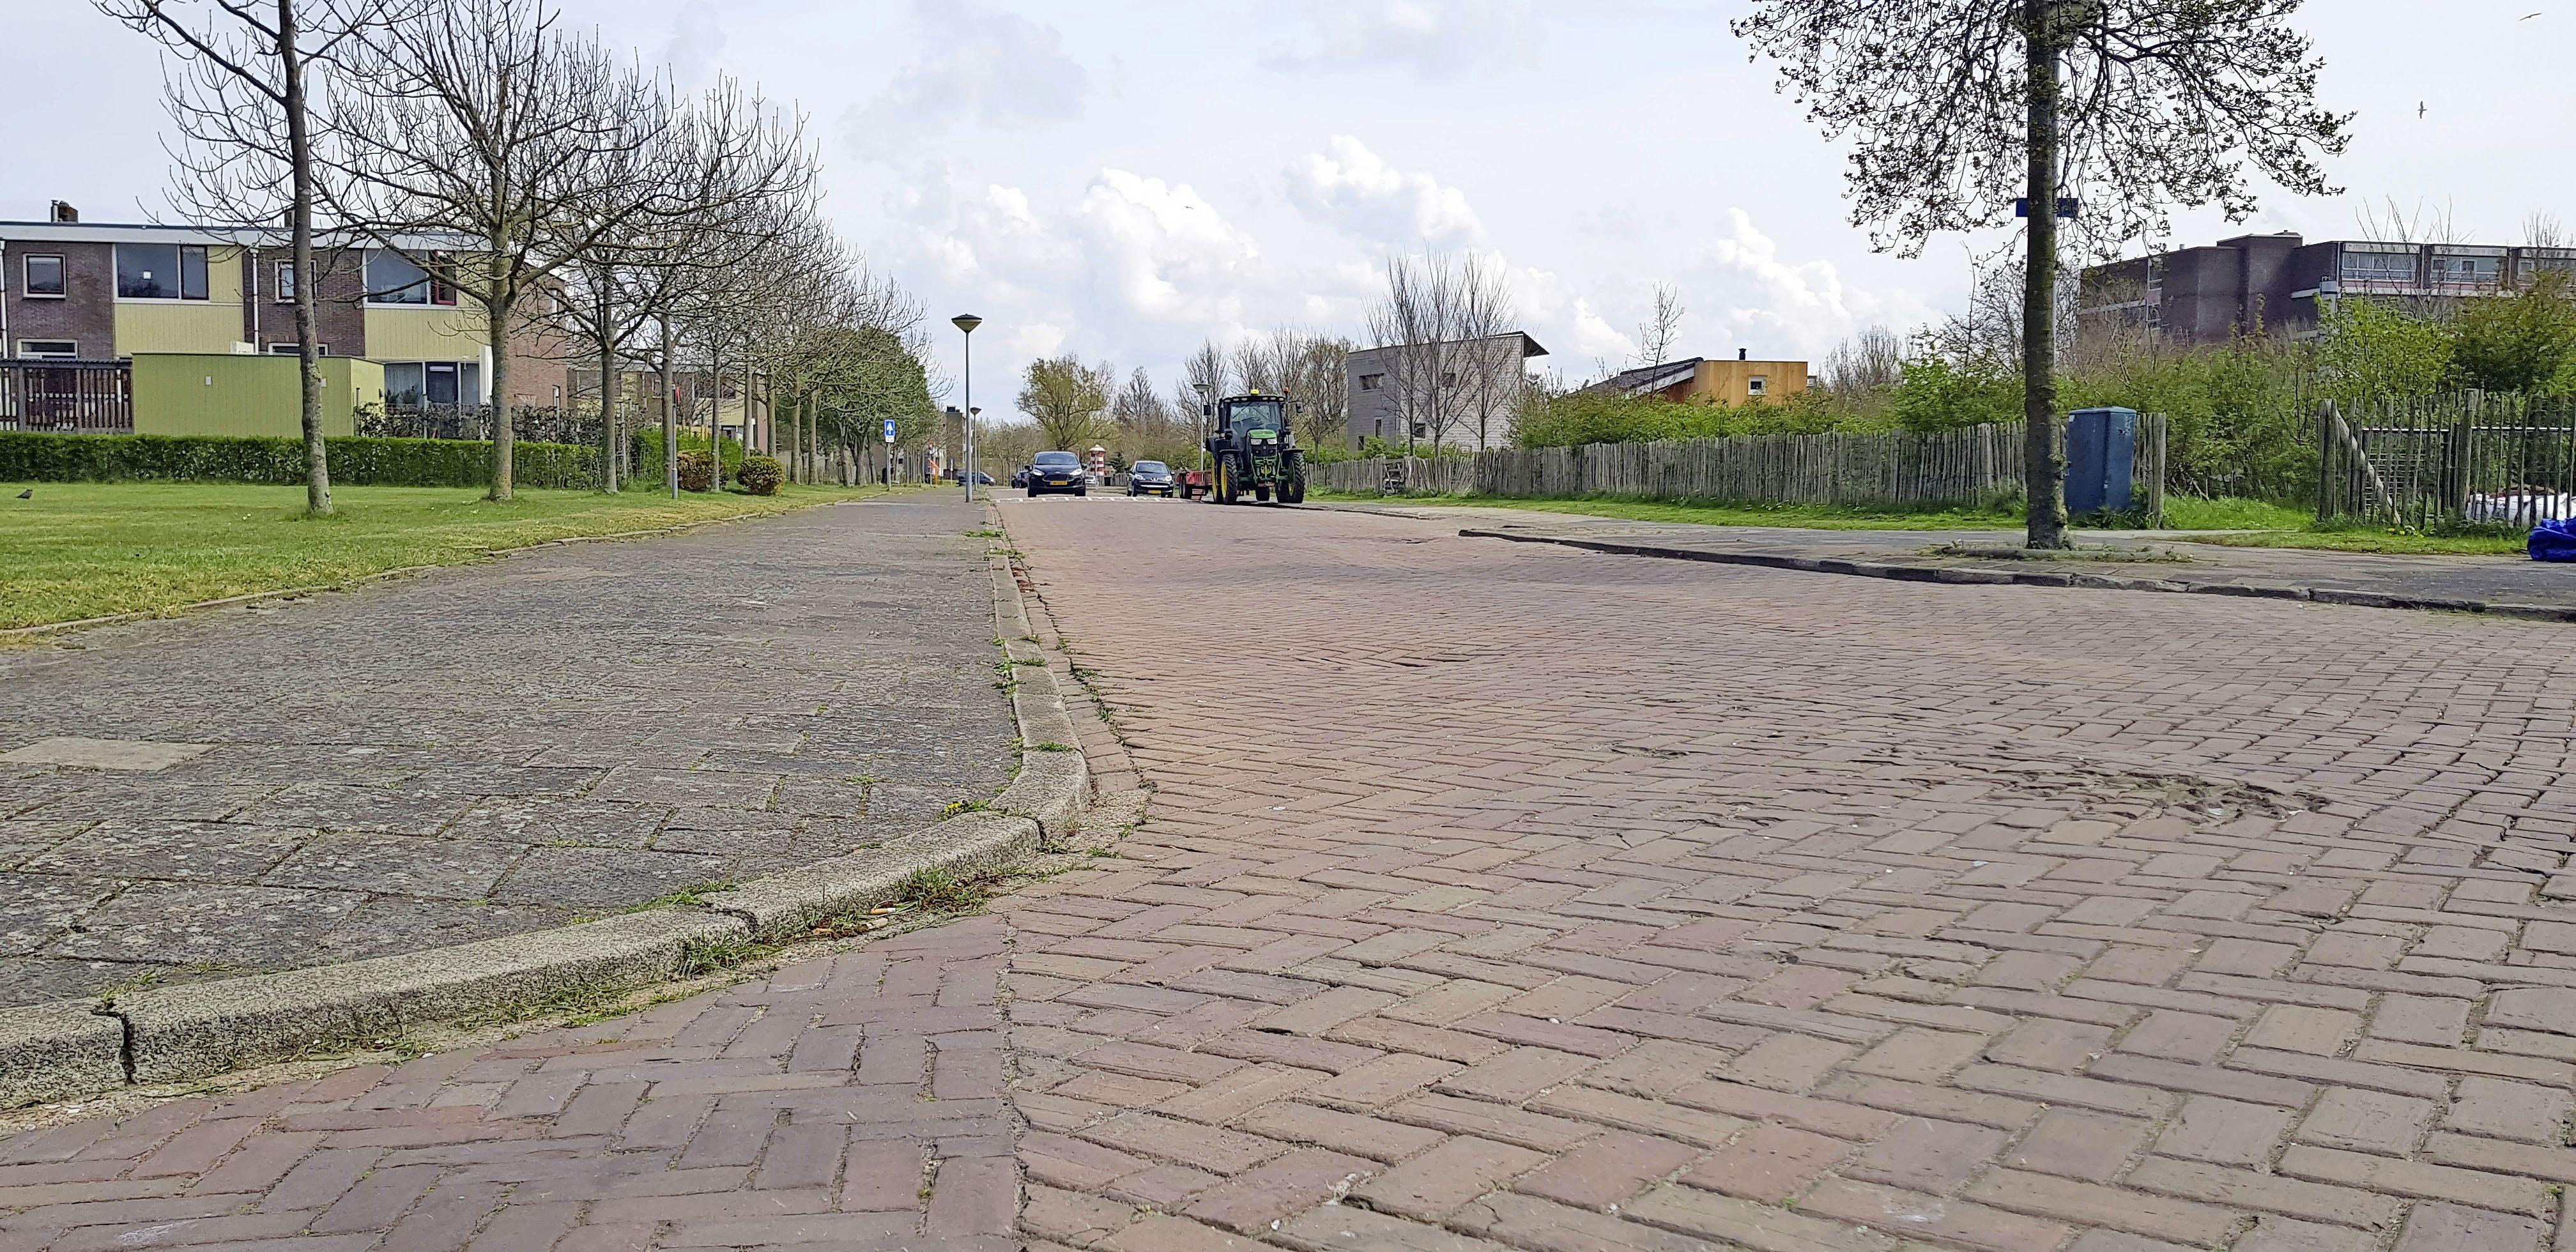 De verlaten Eendrachtstraat lijkt de perfecte plek om een jochie (9) van zijn step te beroven. 'Onze kinderen mogen alleen spelen waar wij hen kunnen zien'